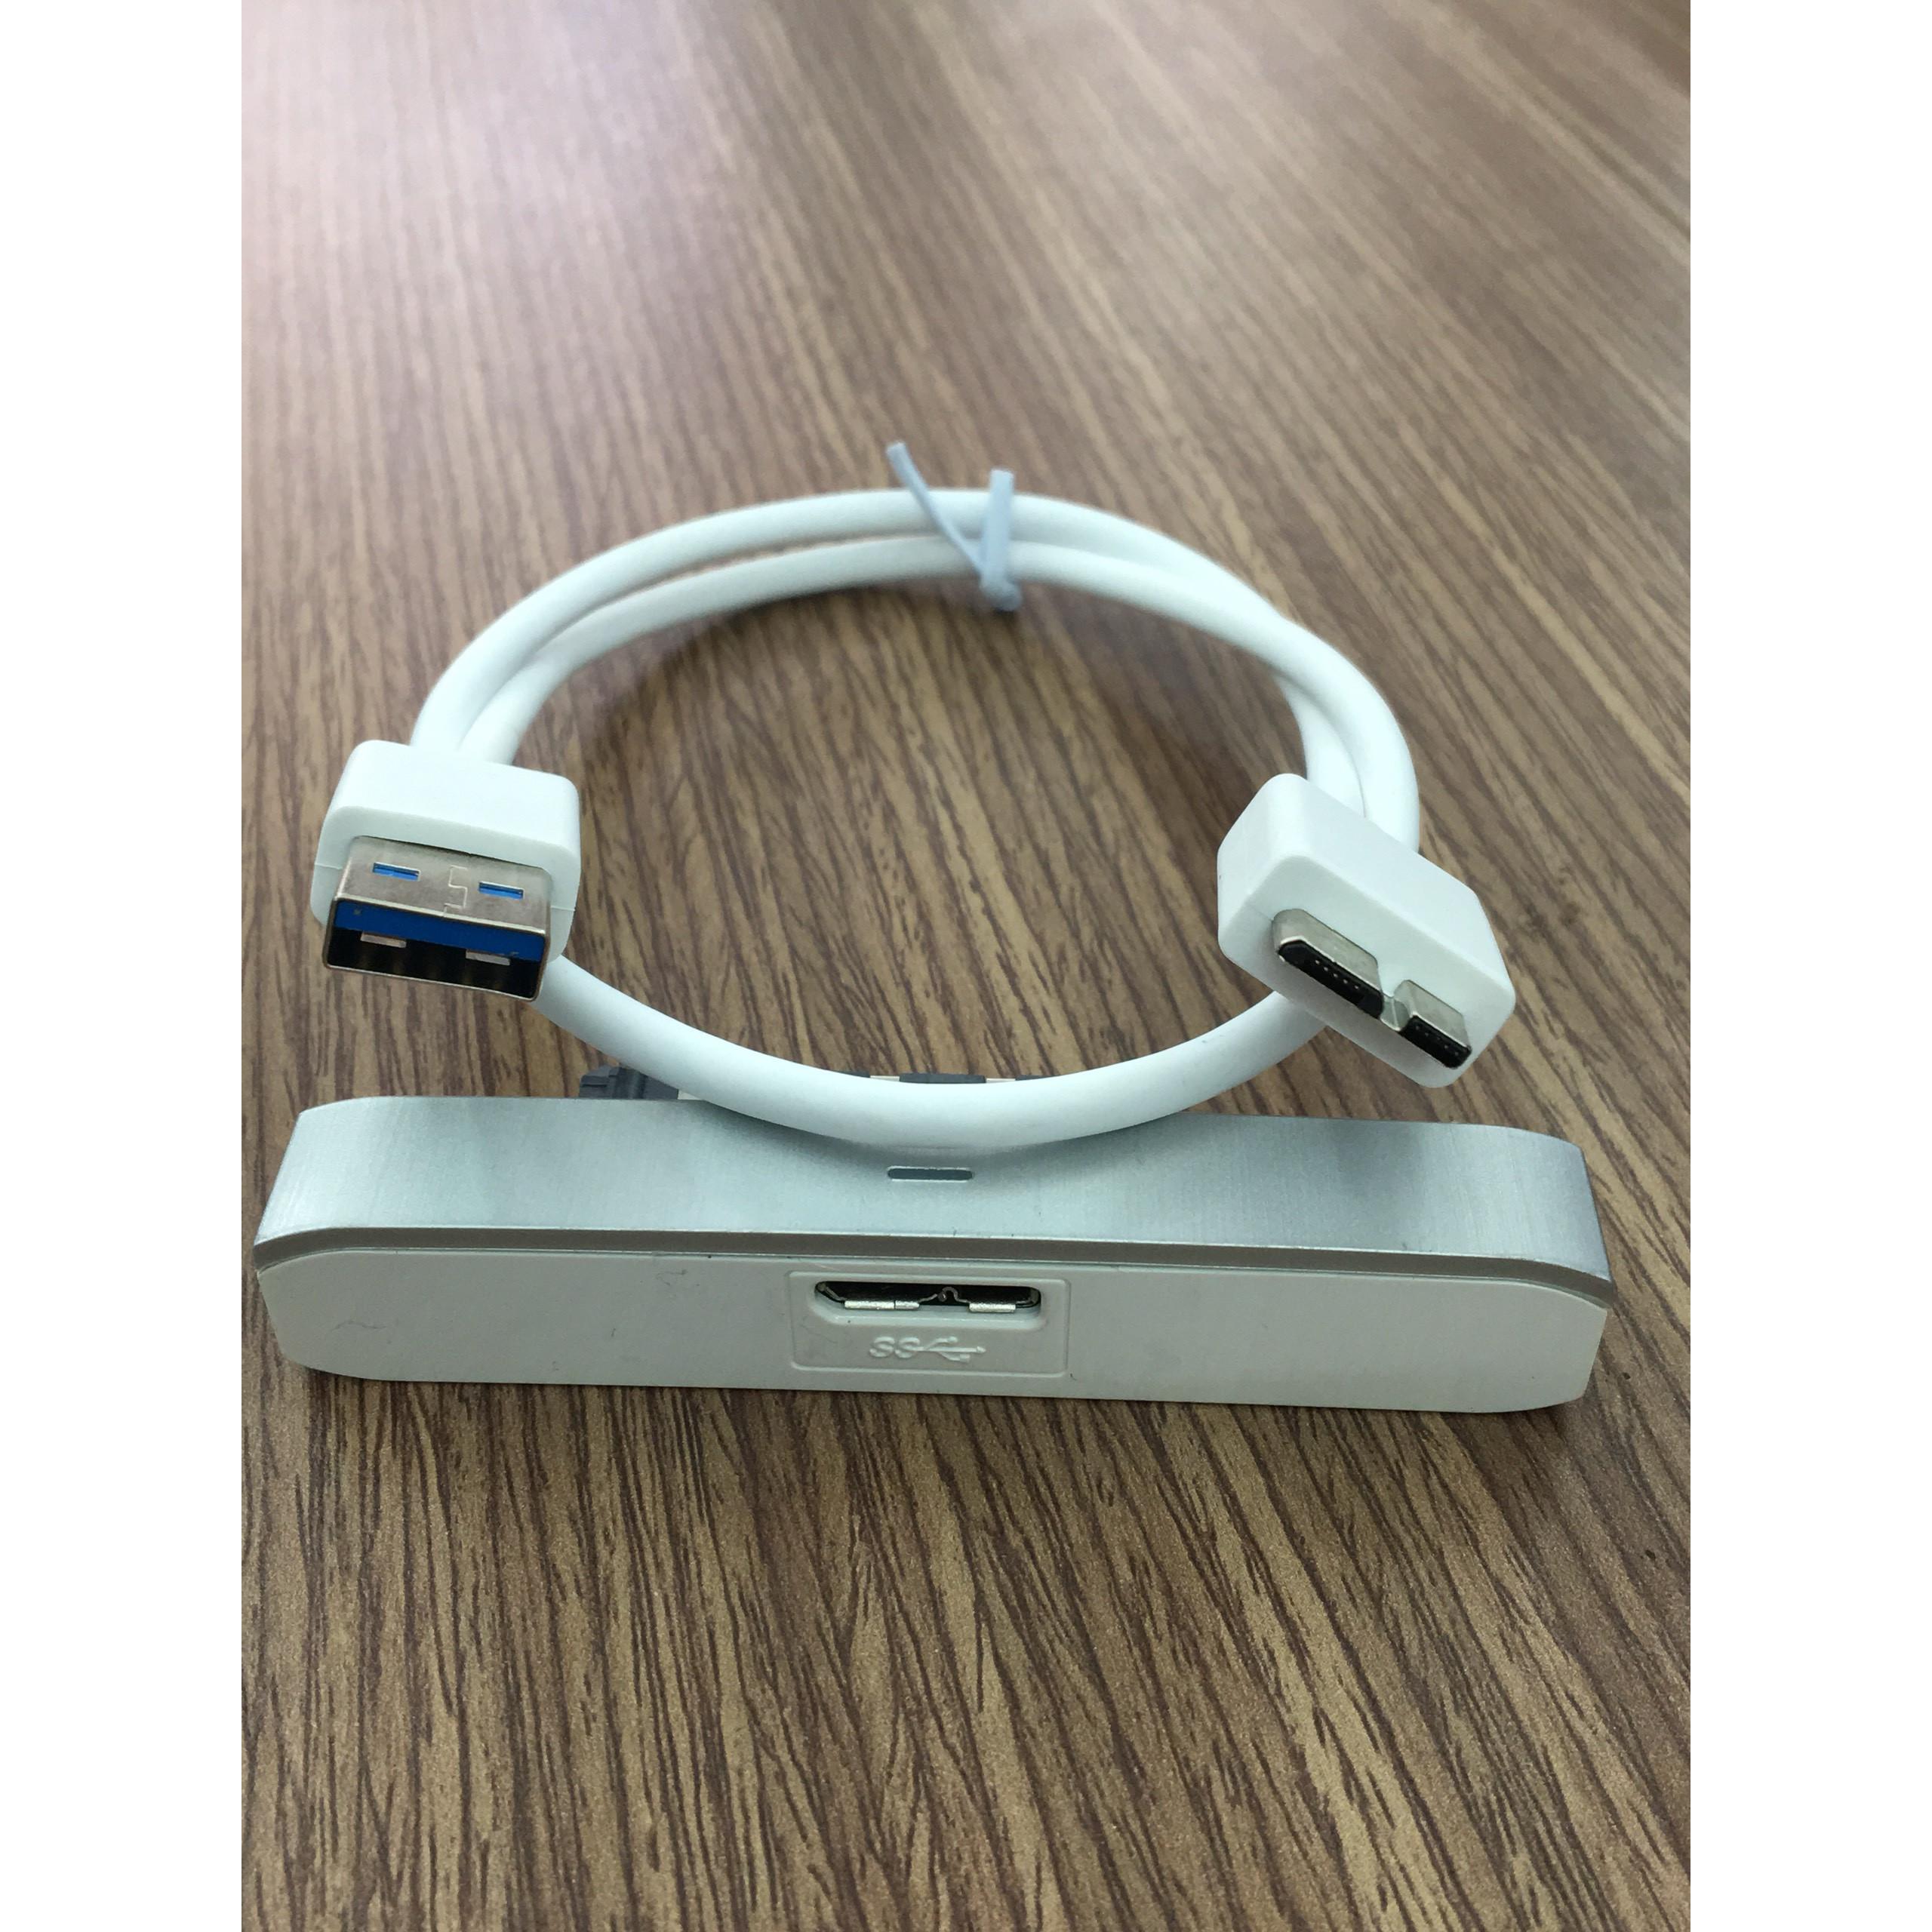 HDD Box USB 3.0/Dock Ổ Cứng - Cáp Ổ Cứng Di Động ( Màu ngẫu nhiên )